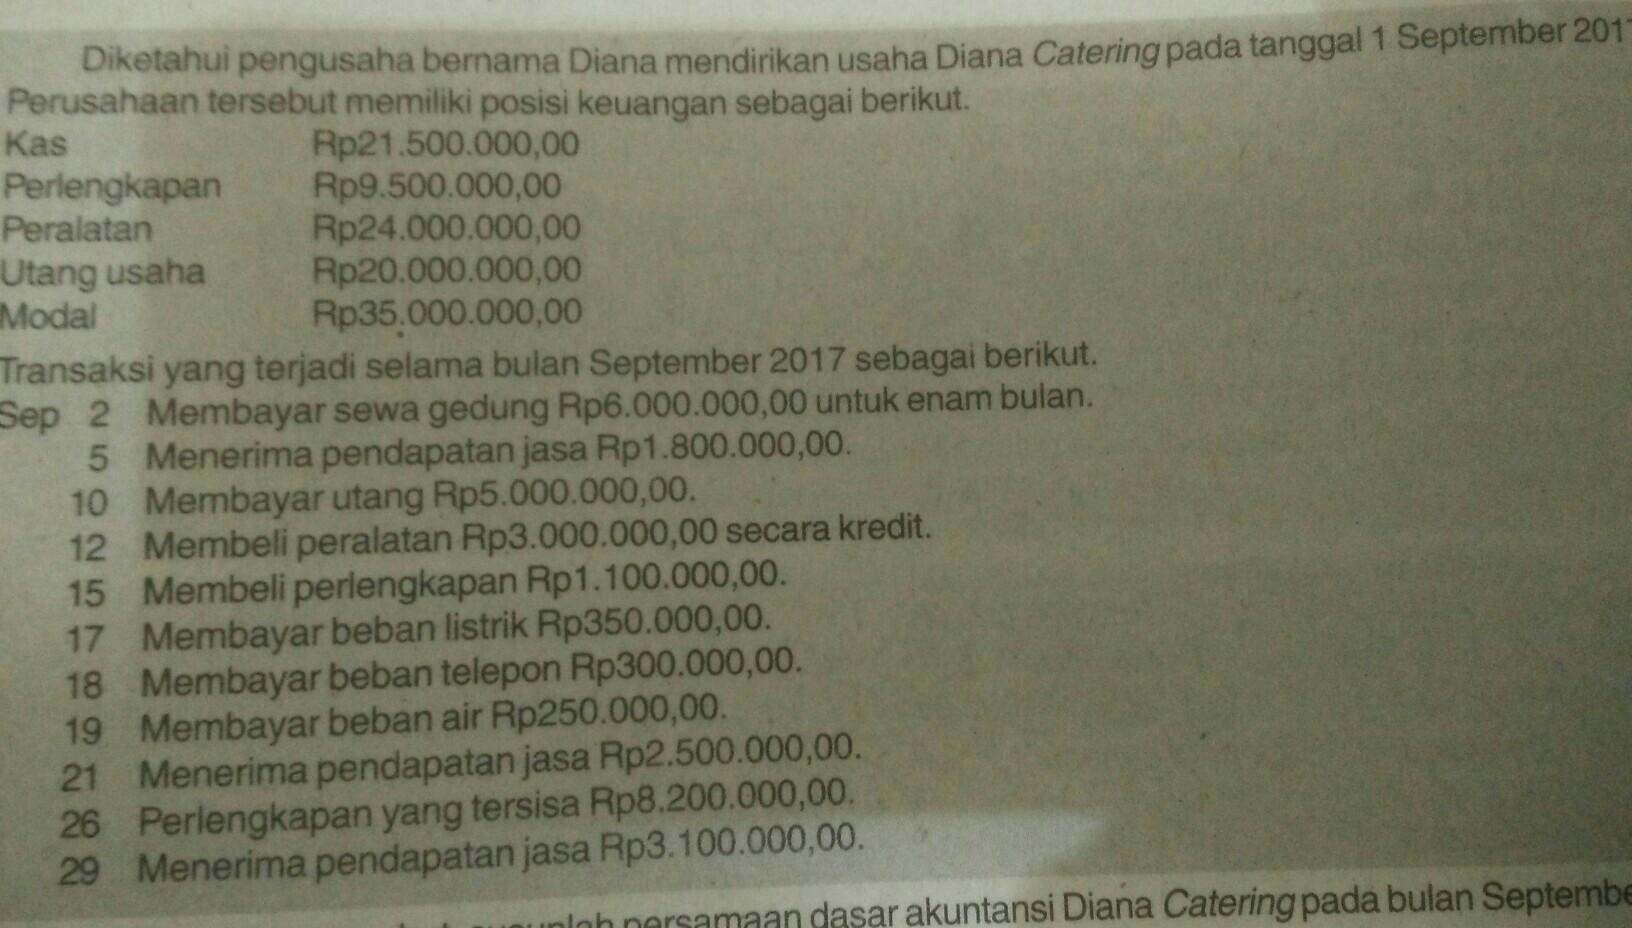 Berdasarkan Data Tersebut Susunlah Persamaan Dasar Akuntansi Diana Catering Pada Bulan September Brainly Co Id